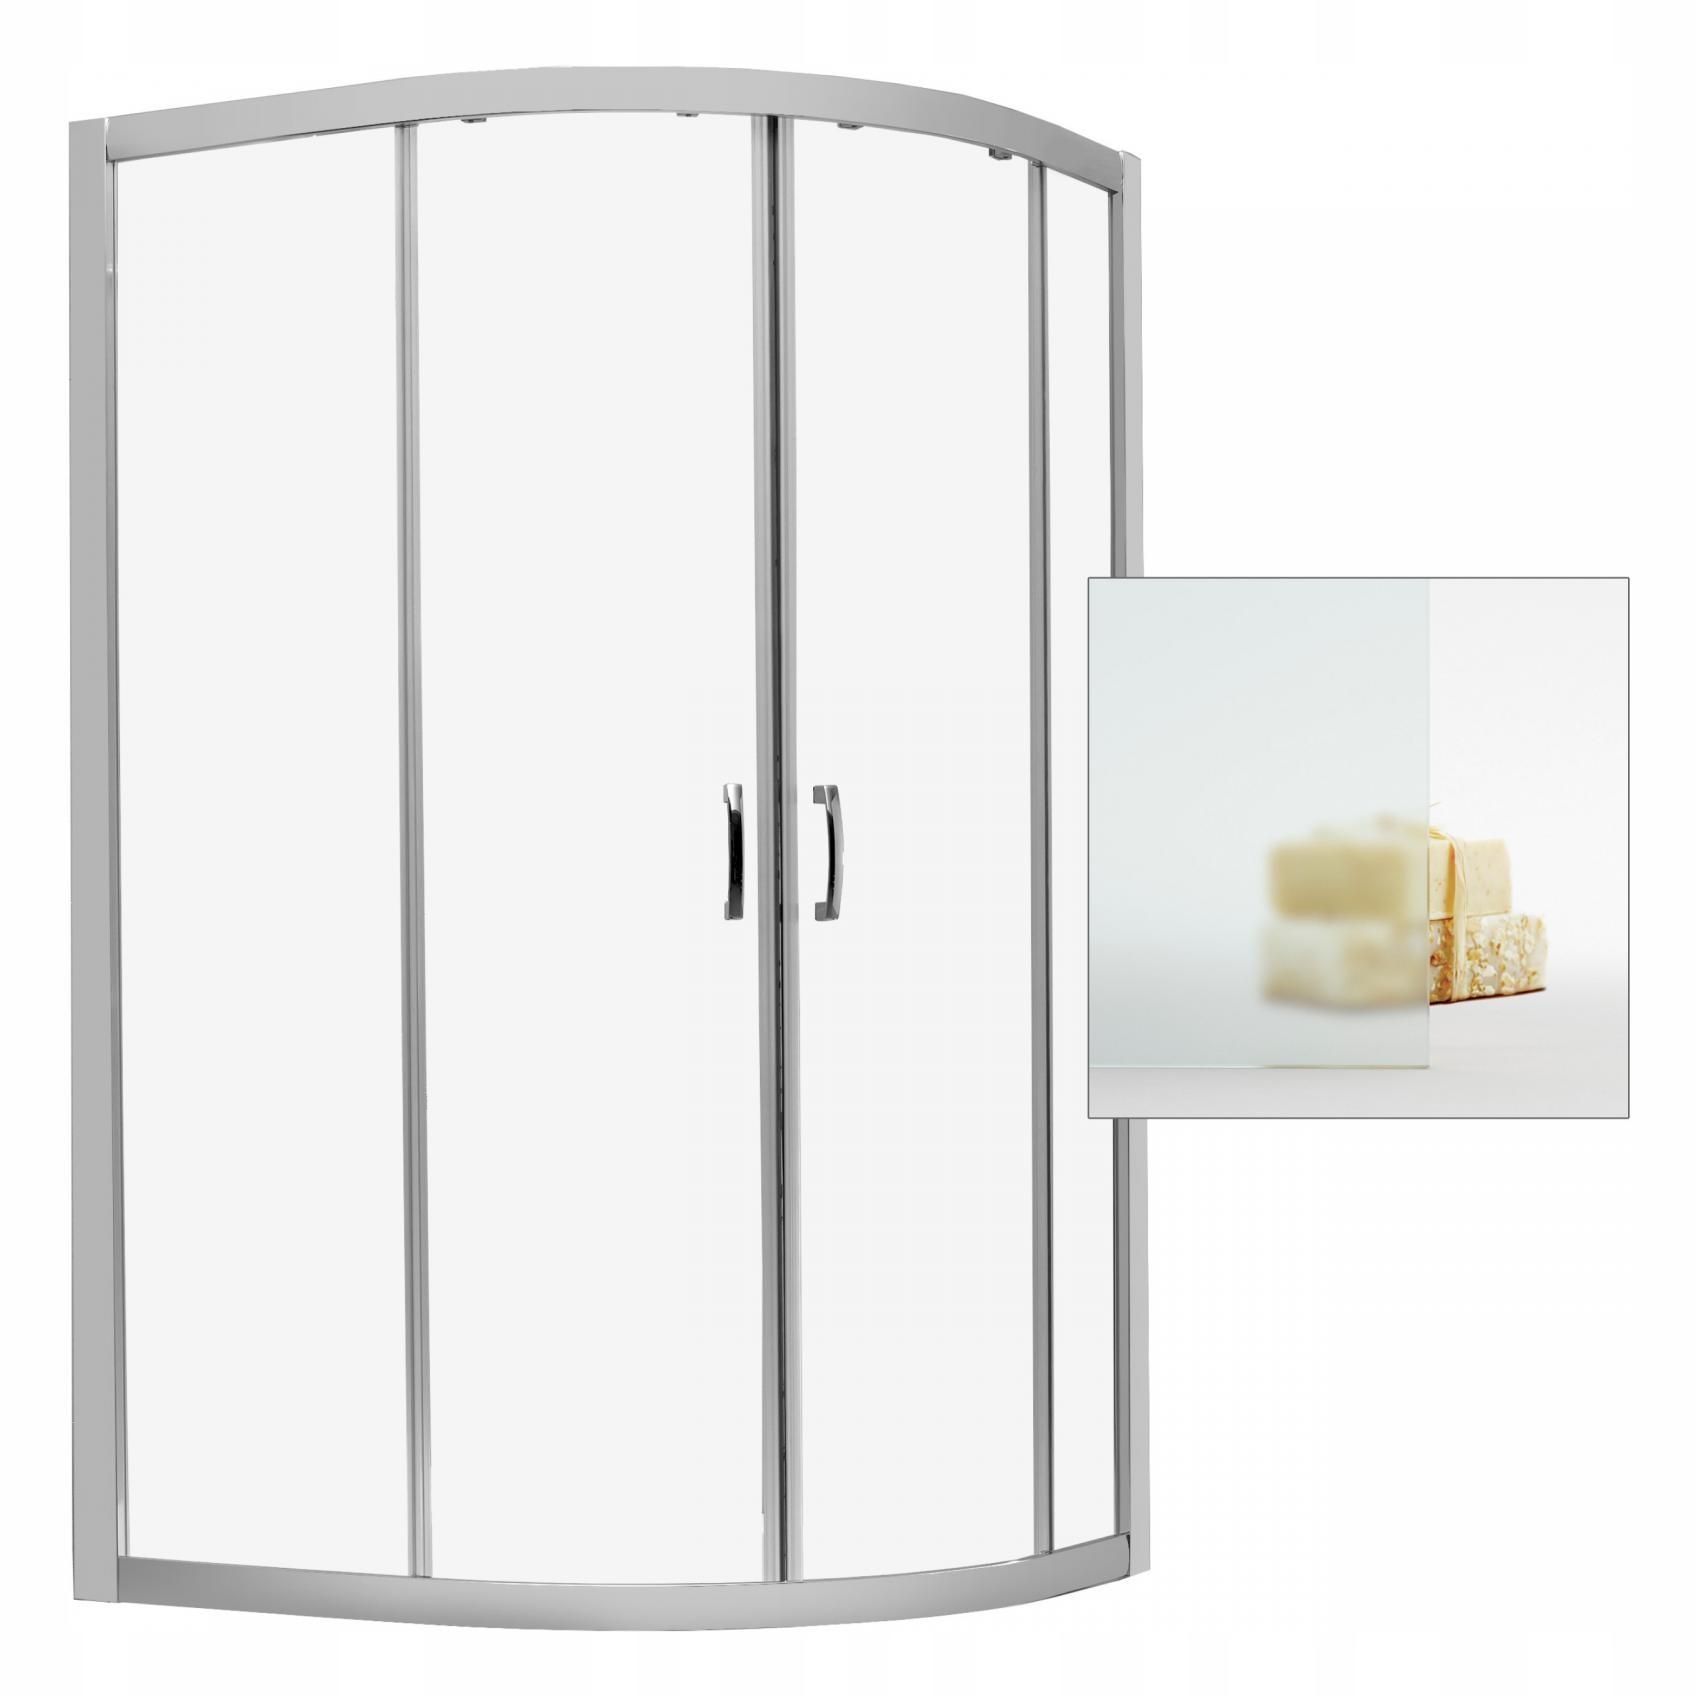 Kabína sprchovacím kútom Premium Plus E 1700 120x90 satin